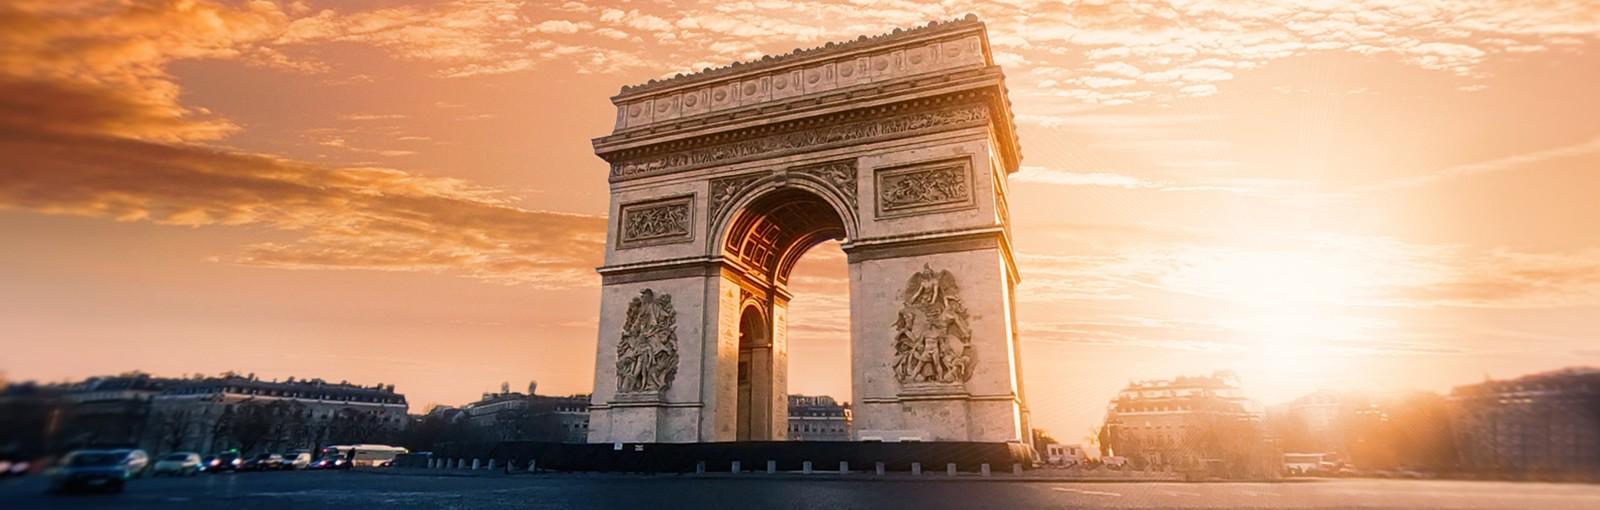 Tours 巴黎套餐游,魅力酒店两晚 - 巴黎游套餐 - 巴黎游